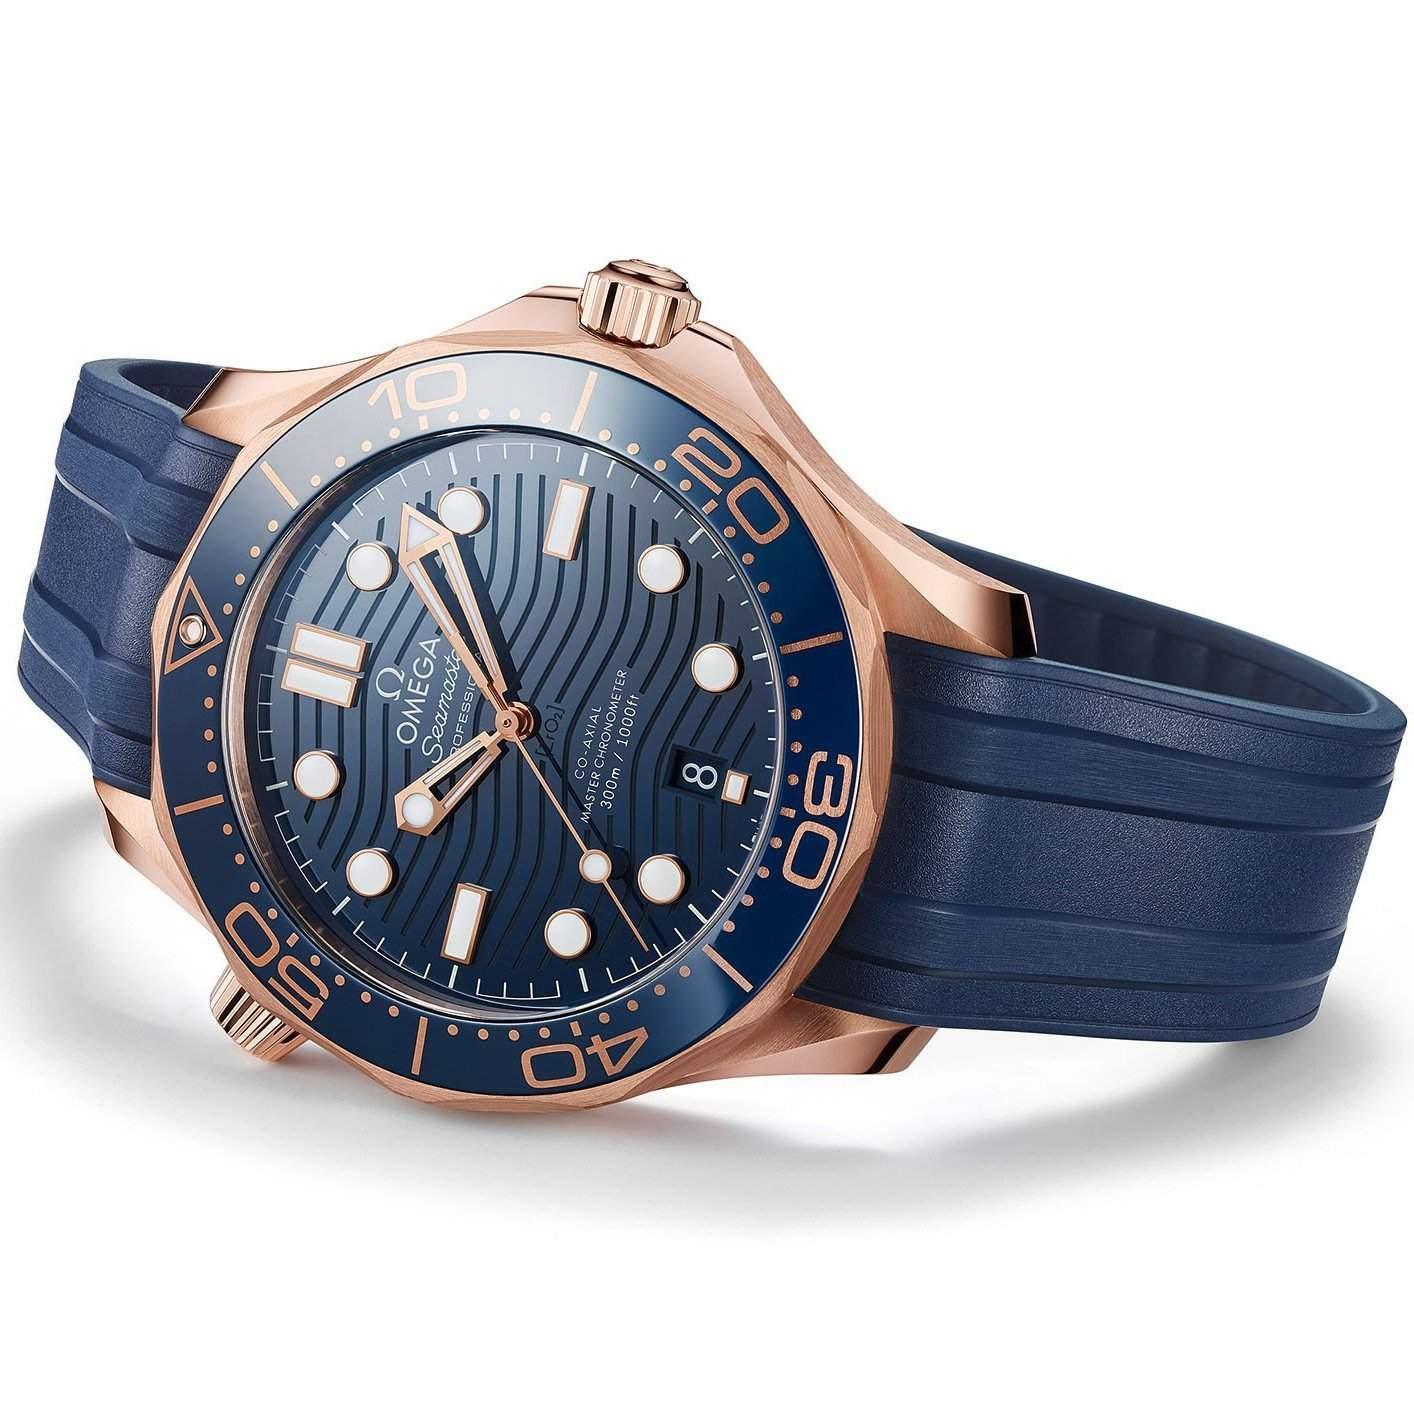 Omega Seamaster Diver 300M Sedna Gold